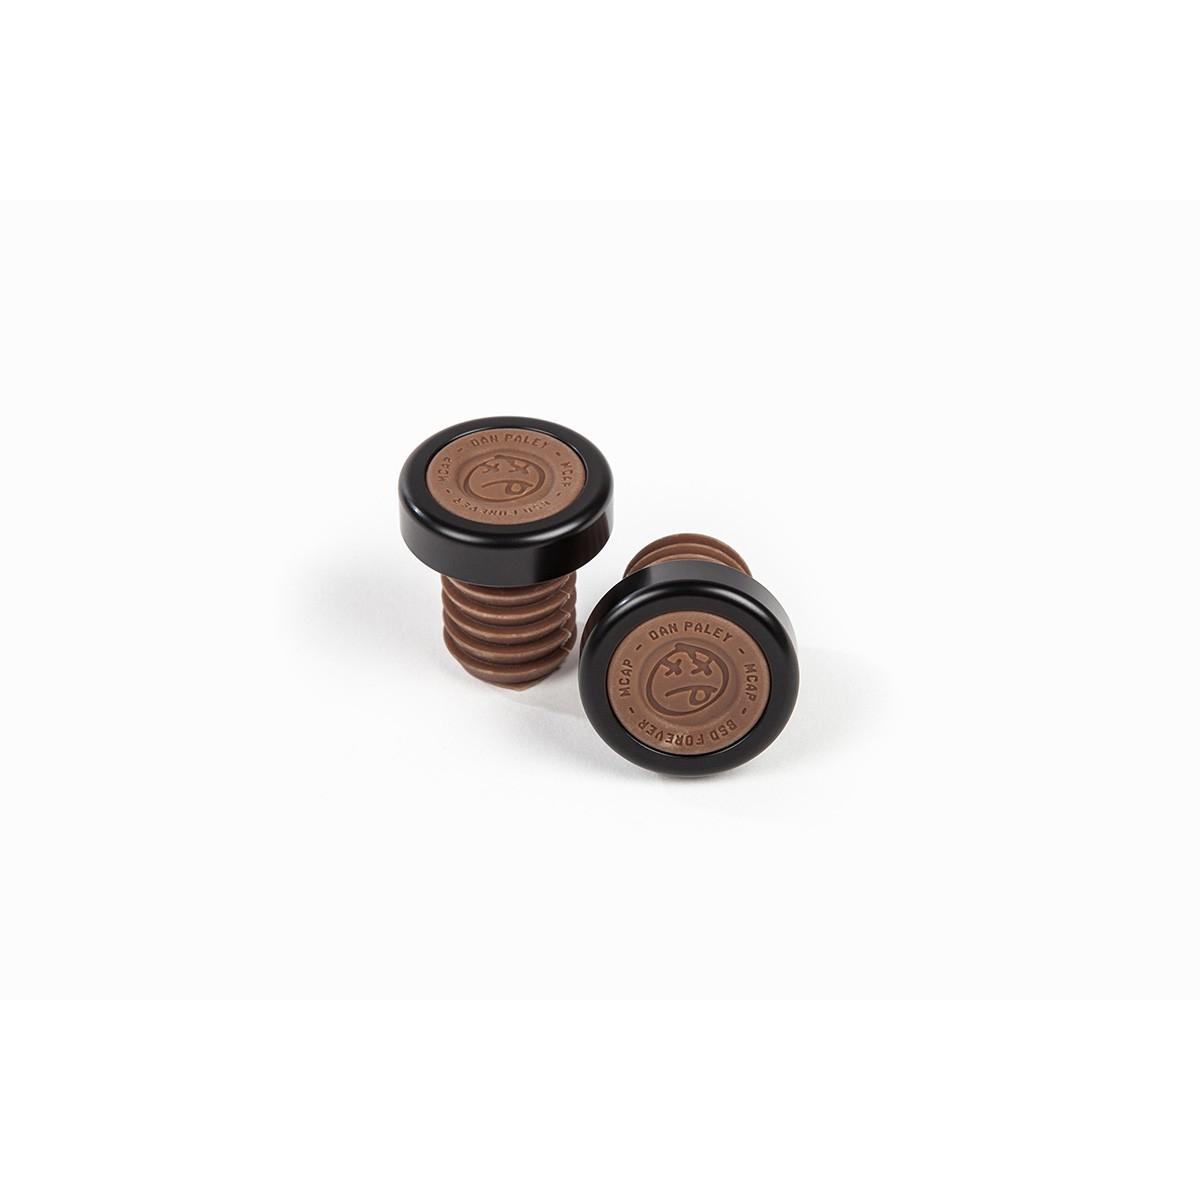 Embouts de poignées BMX BSD M-Cap Bar Ends Chocolate